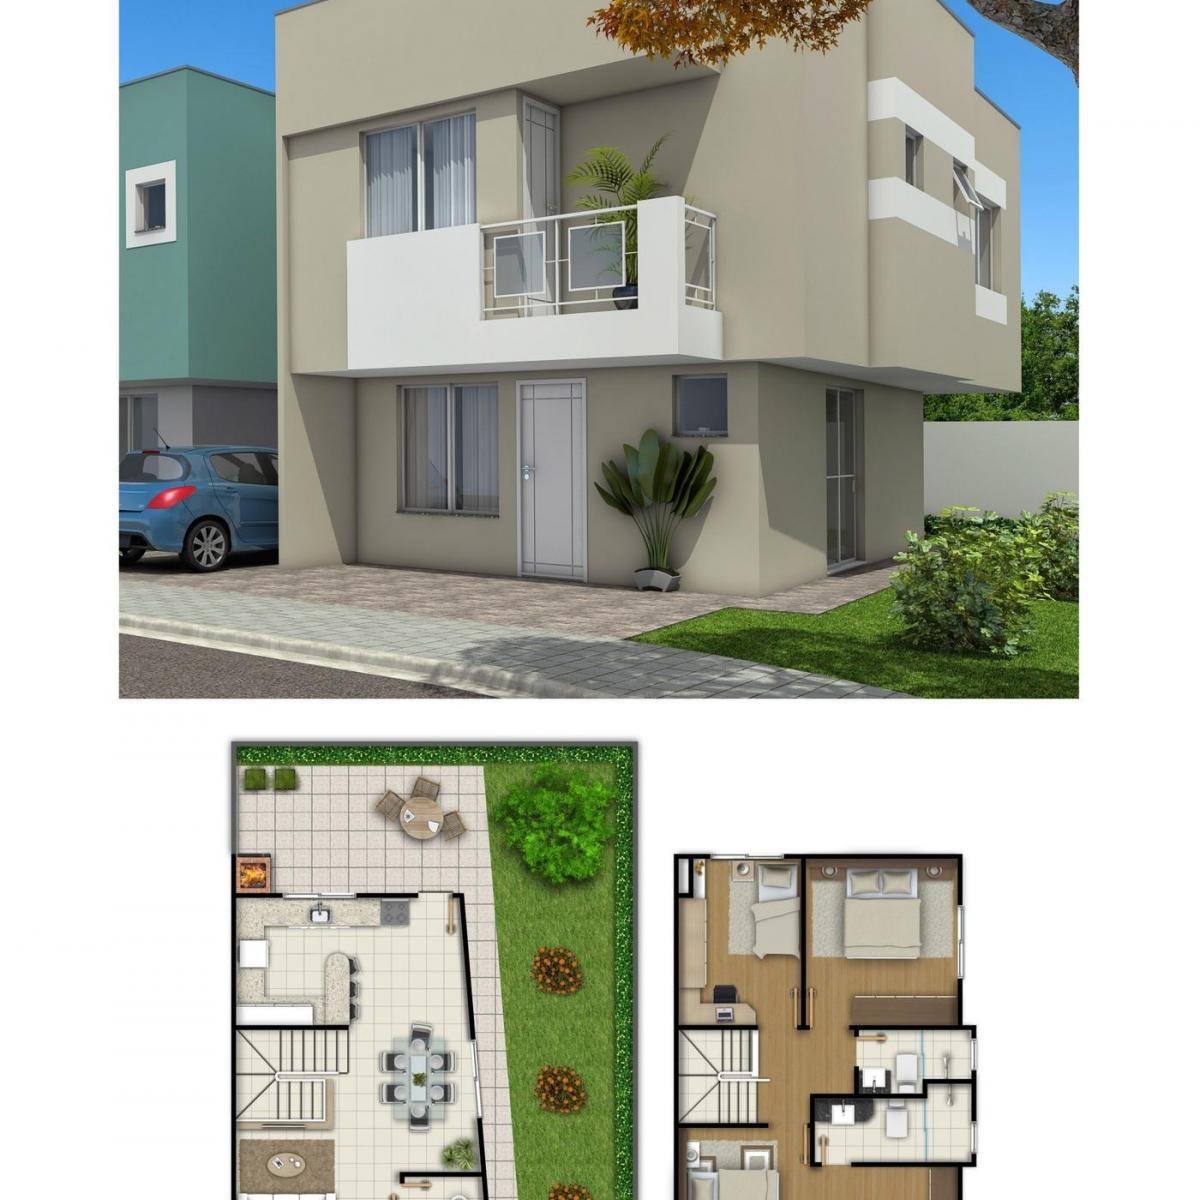 Casa à venda com 3 Quartos Santa Cândida Curitiba R$ 270.000 93  #1A67B1 1200 1200